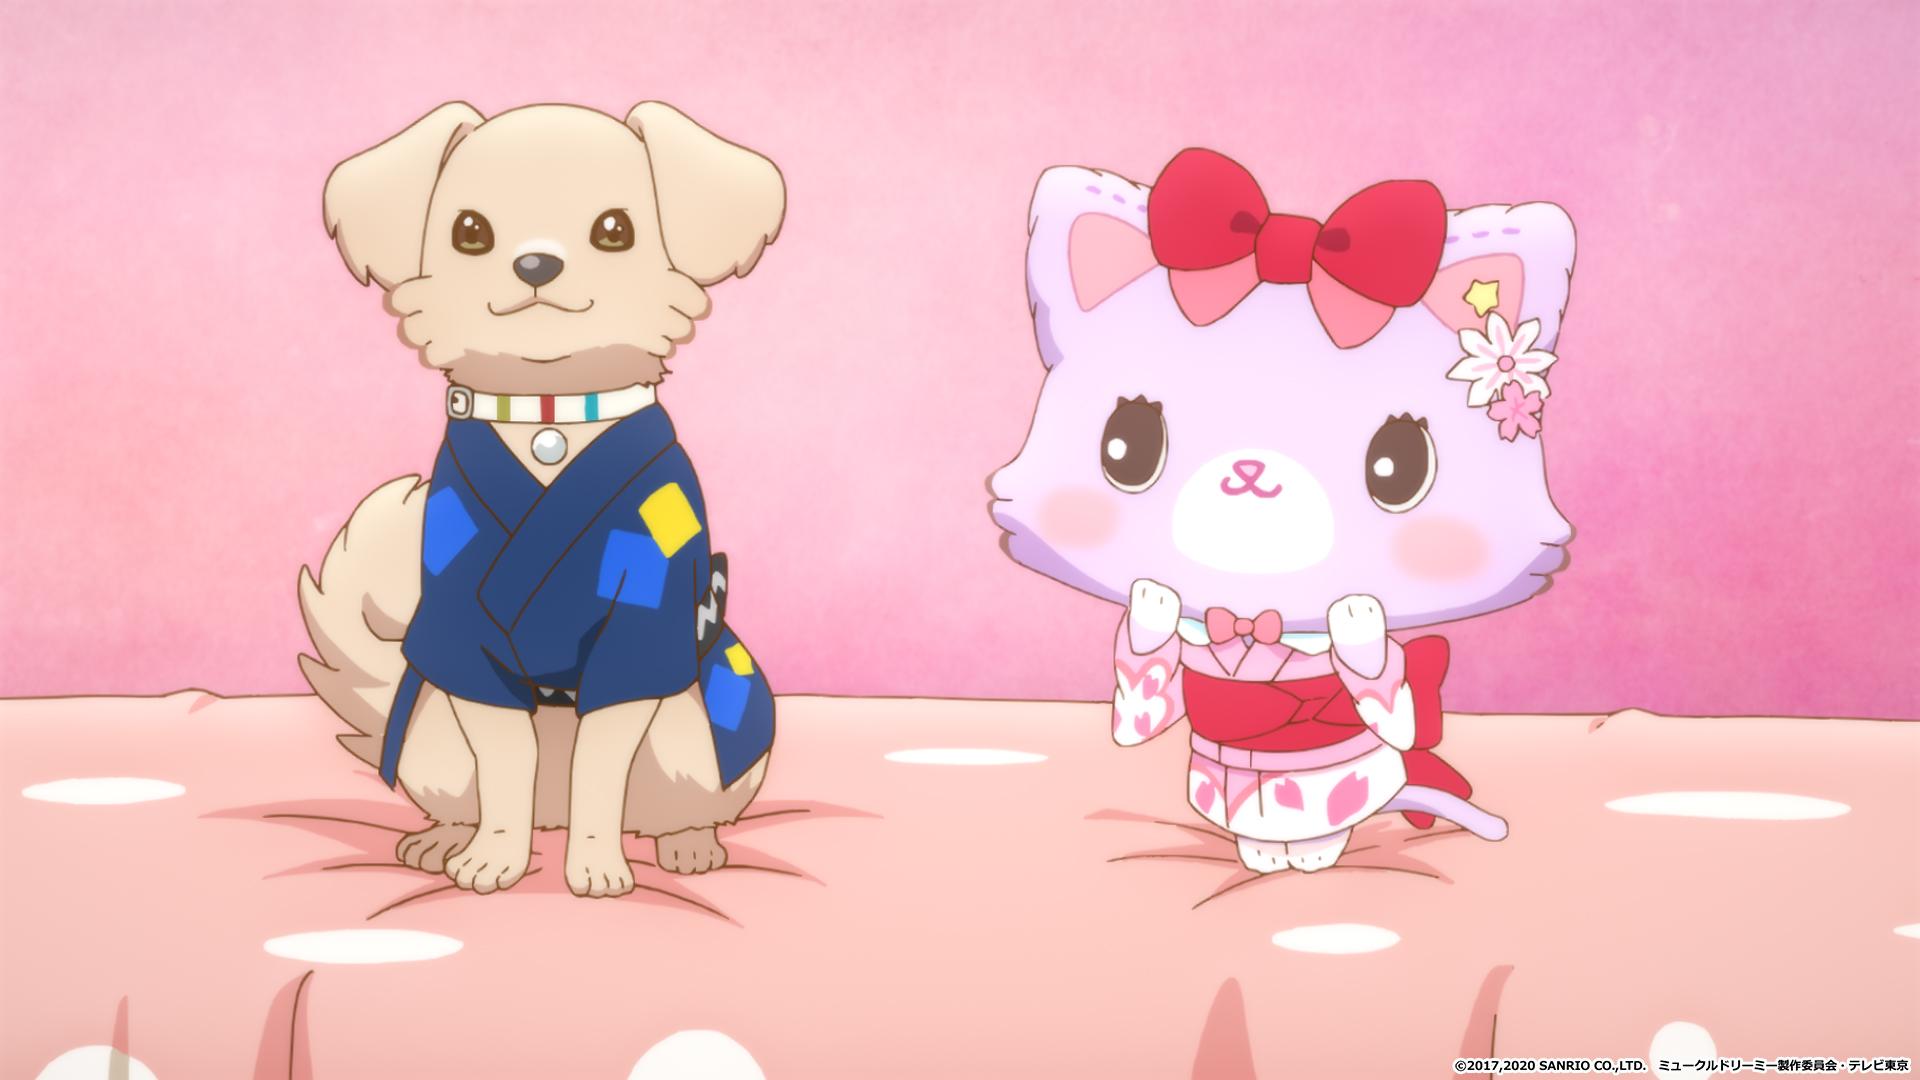 【アニメ】ミュークルドリーミーの15話あらすじ・ネタバレ感想   甘酸っぱい恋愛模様にキュンキュン